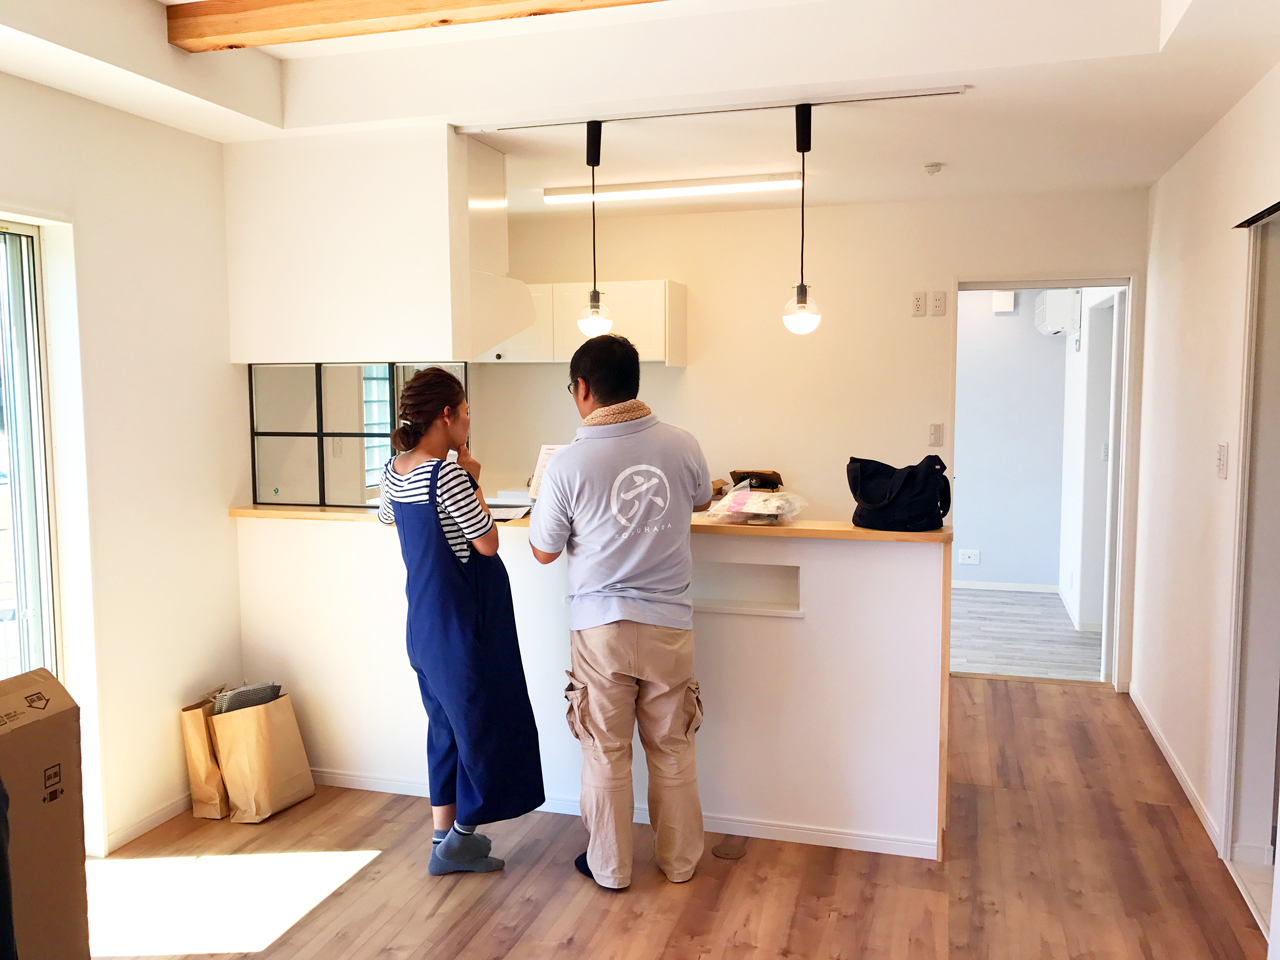 市街化調整区域での注文住宅の建て替え新築設計・デザイン